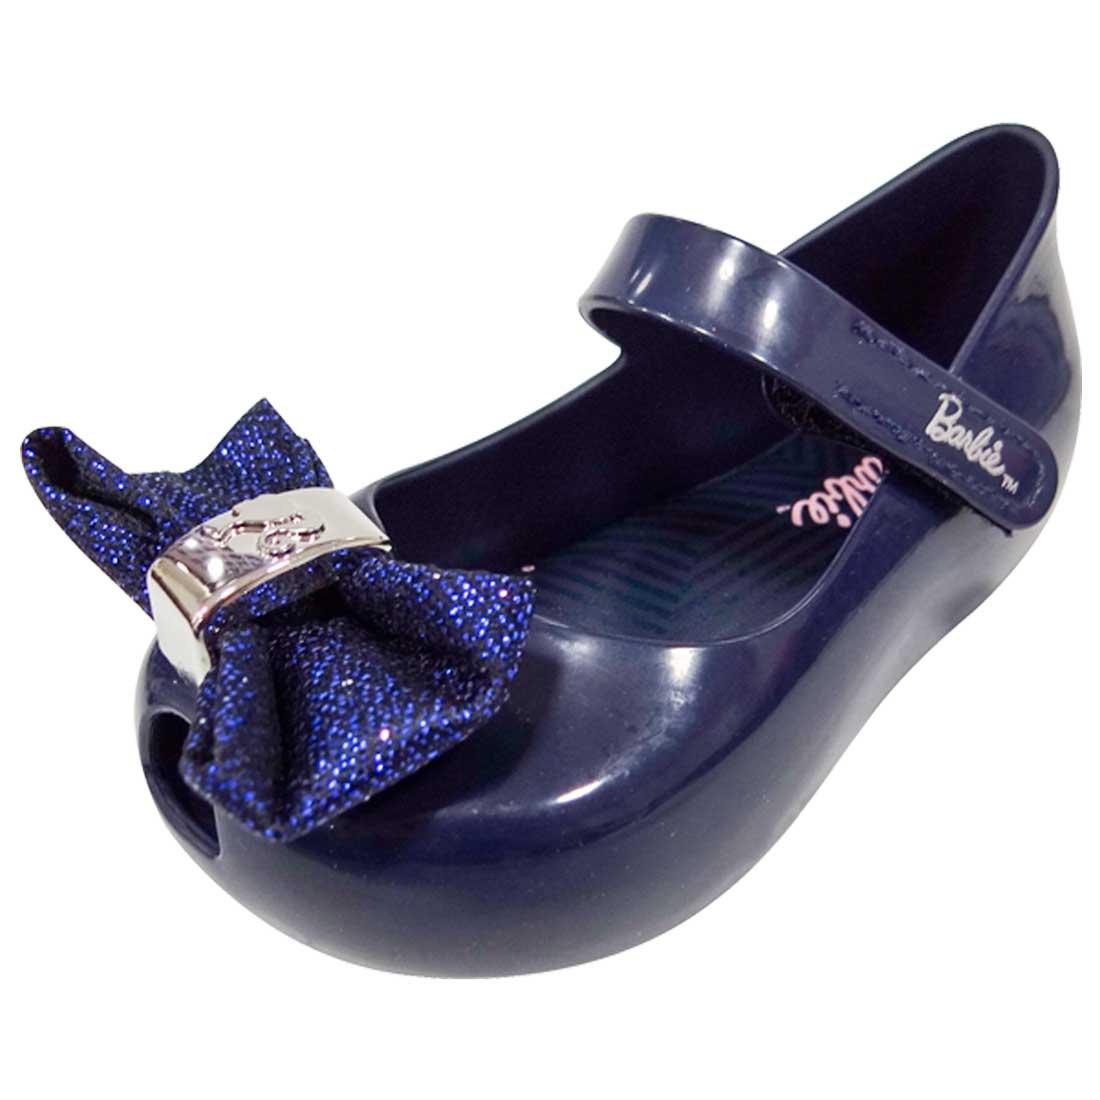 Sapato Boneca Barbie Trends com Laço - Azul Marinho